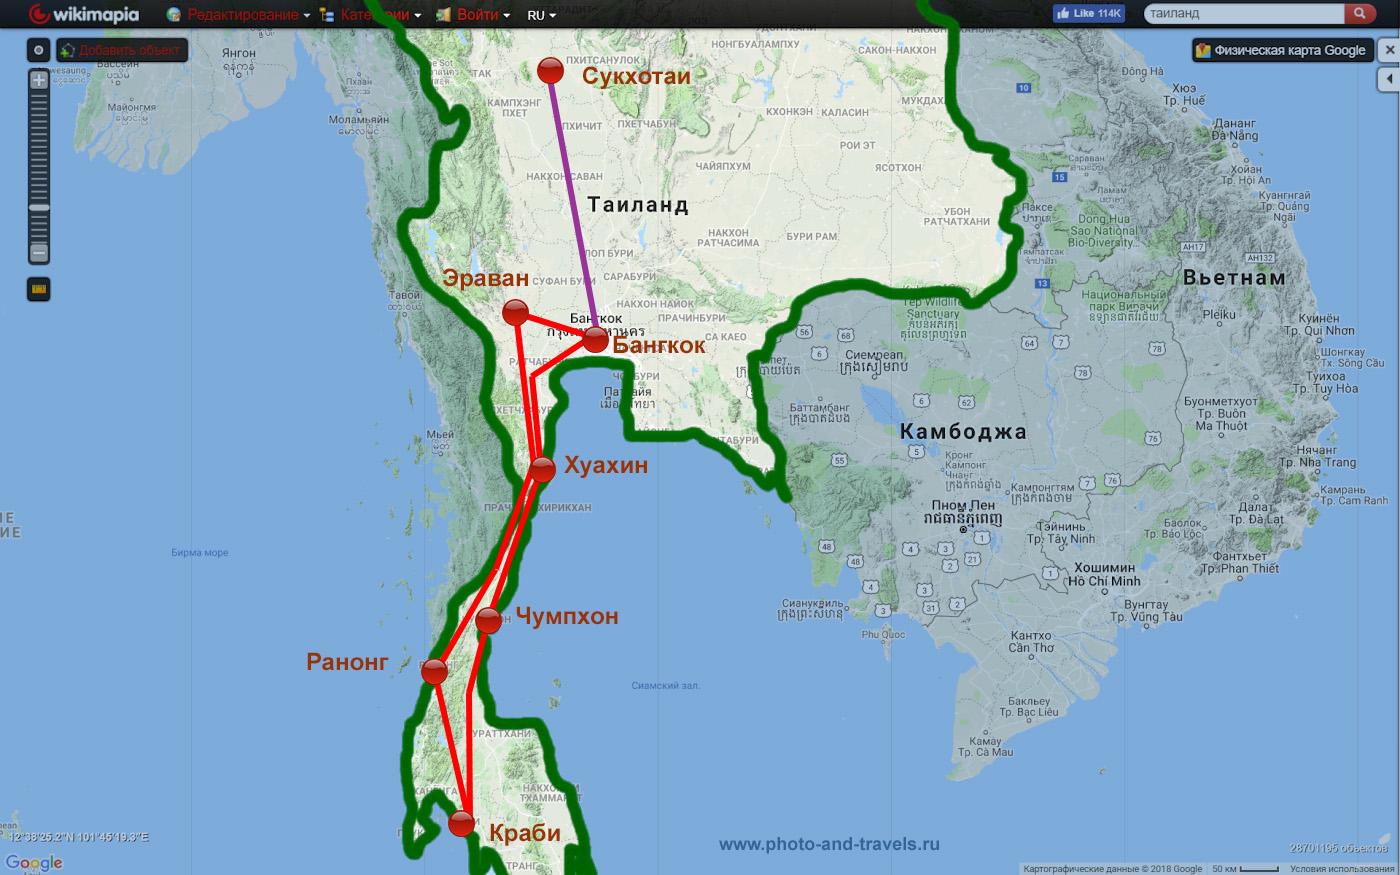 2. Карта с маршрутом самостоятельного путешествия по Таиланду на машине в 2015 году. Отзыв о недорогом отдыхе в этой чудесной стране. Как отправиться в бюджетное путешествие.